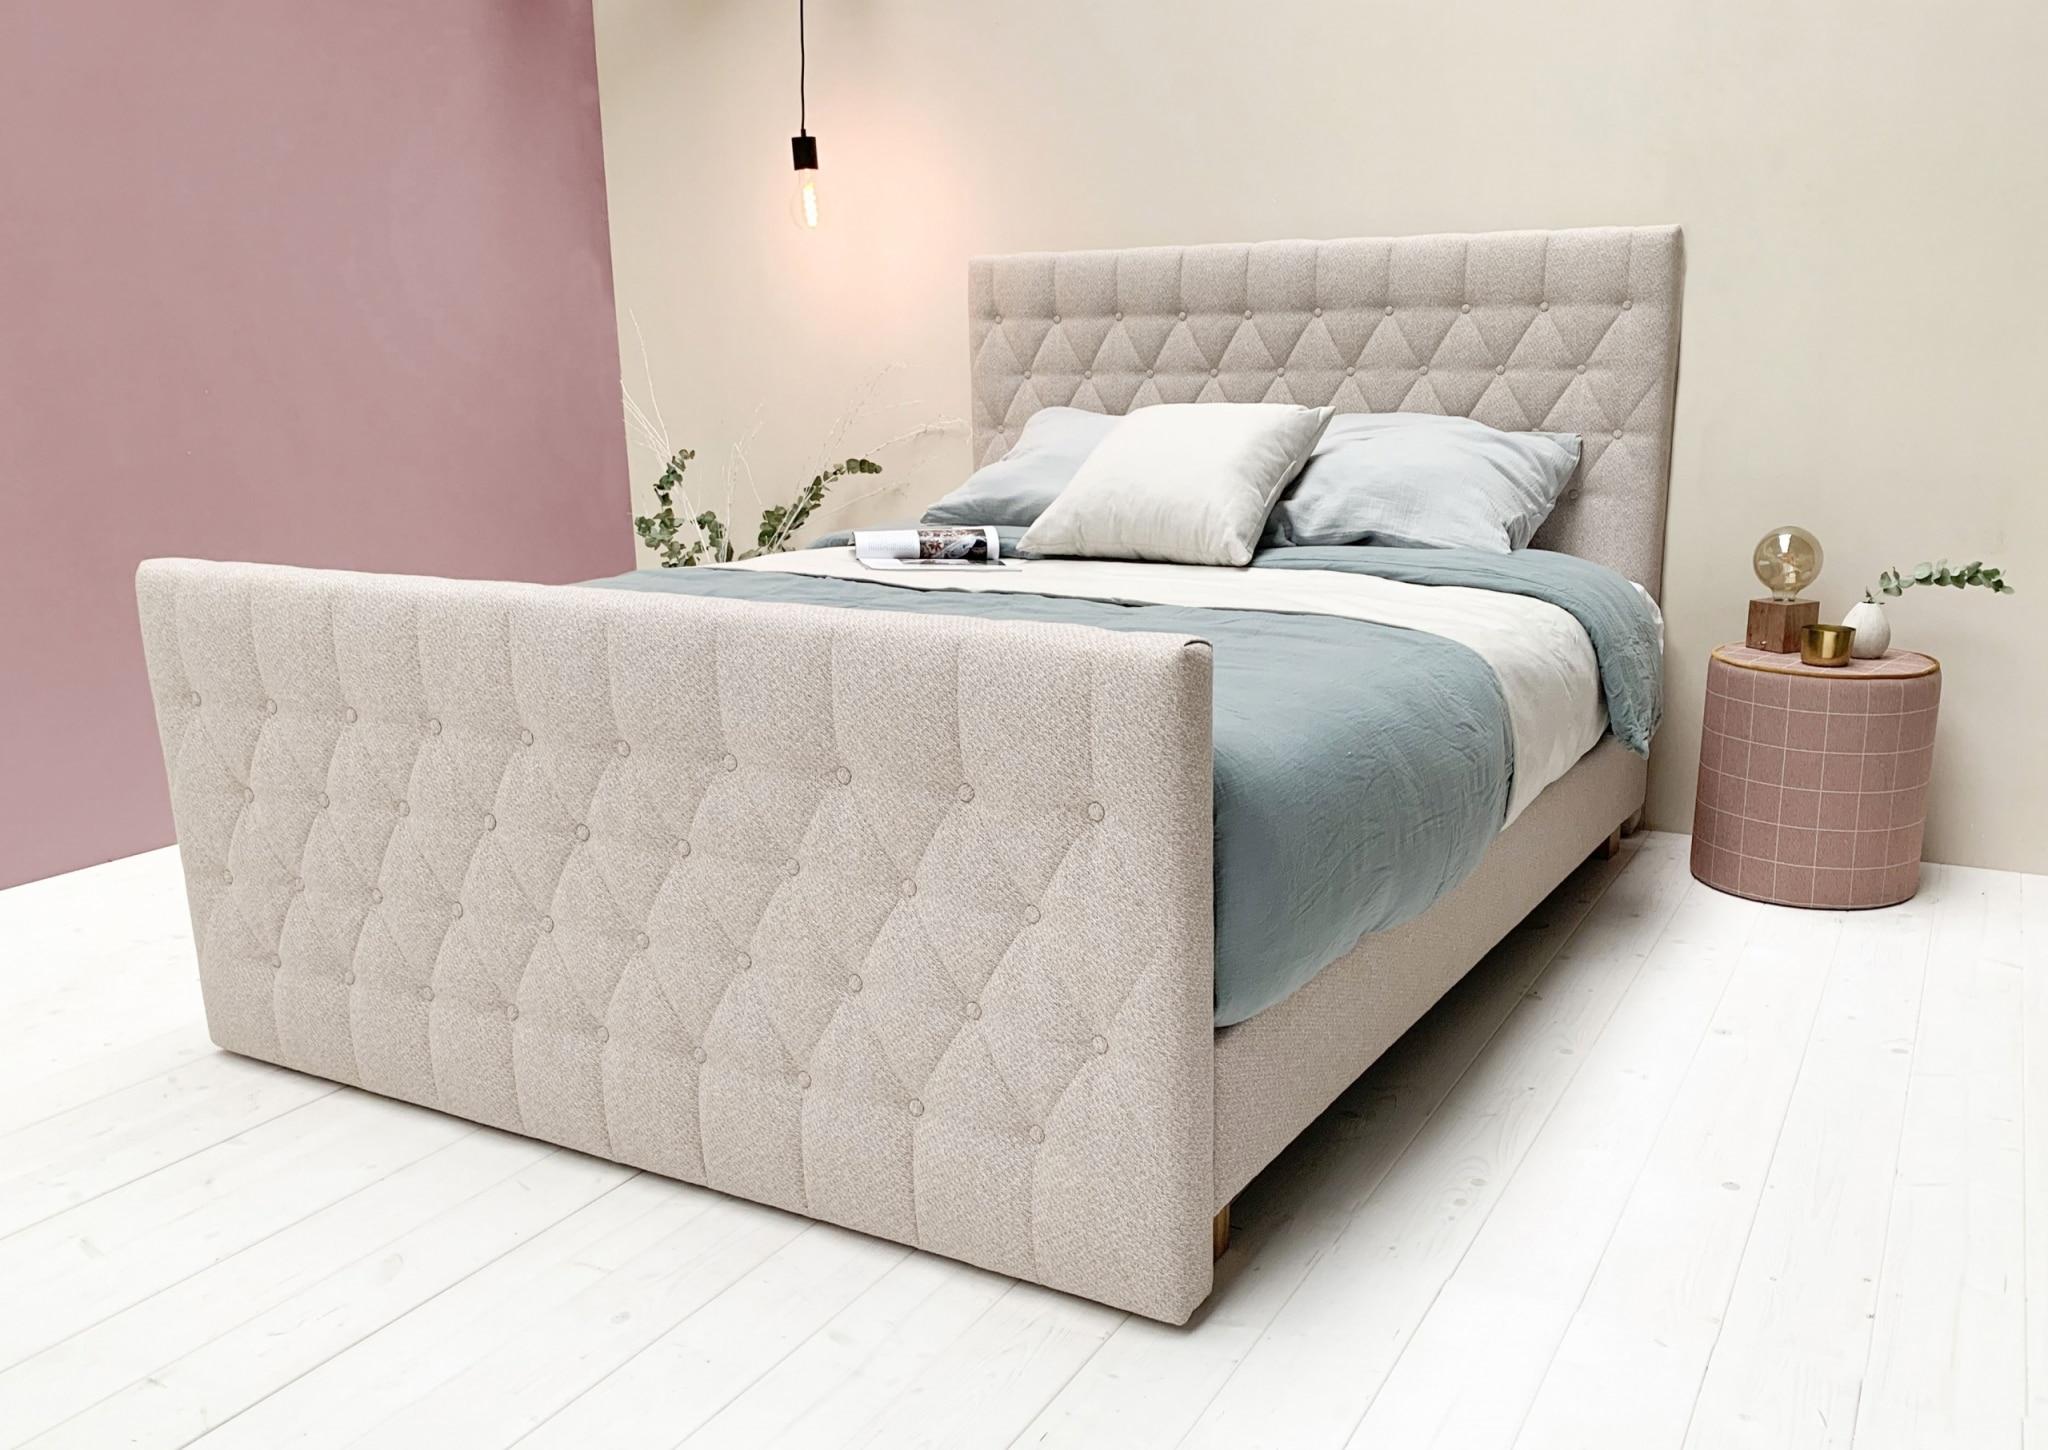 Tête de lit GARANCE dans le coloris TERA 04 Sommiers DÉCO20 dans le coloris TERA 04 Pied de lit dans le coloris TERA 04 Pieds STOCKHOLM H10 cm